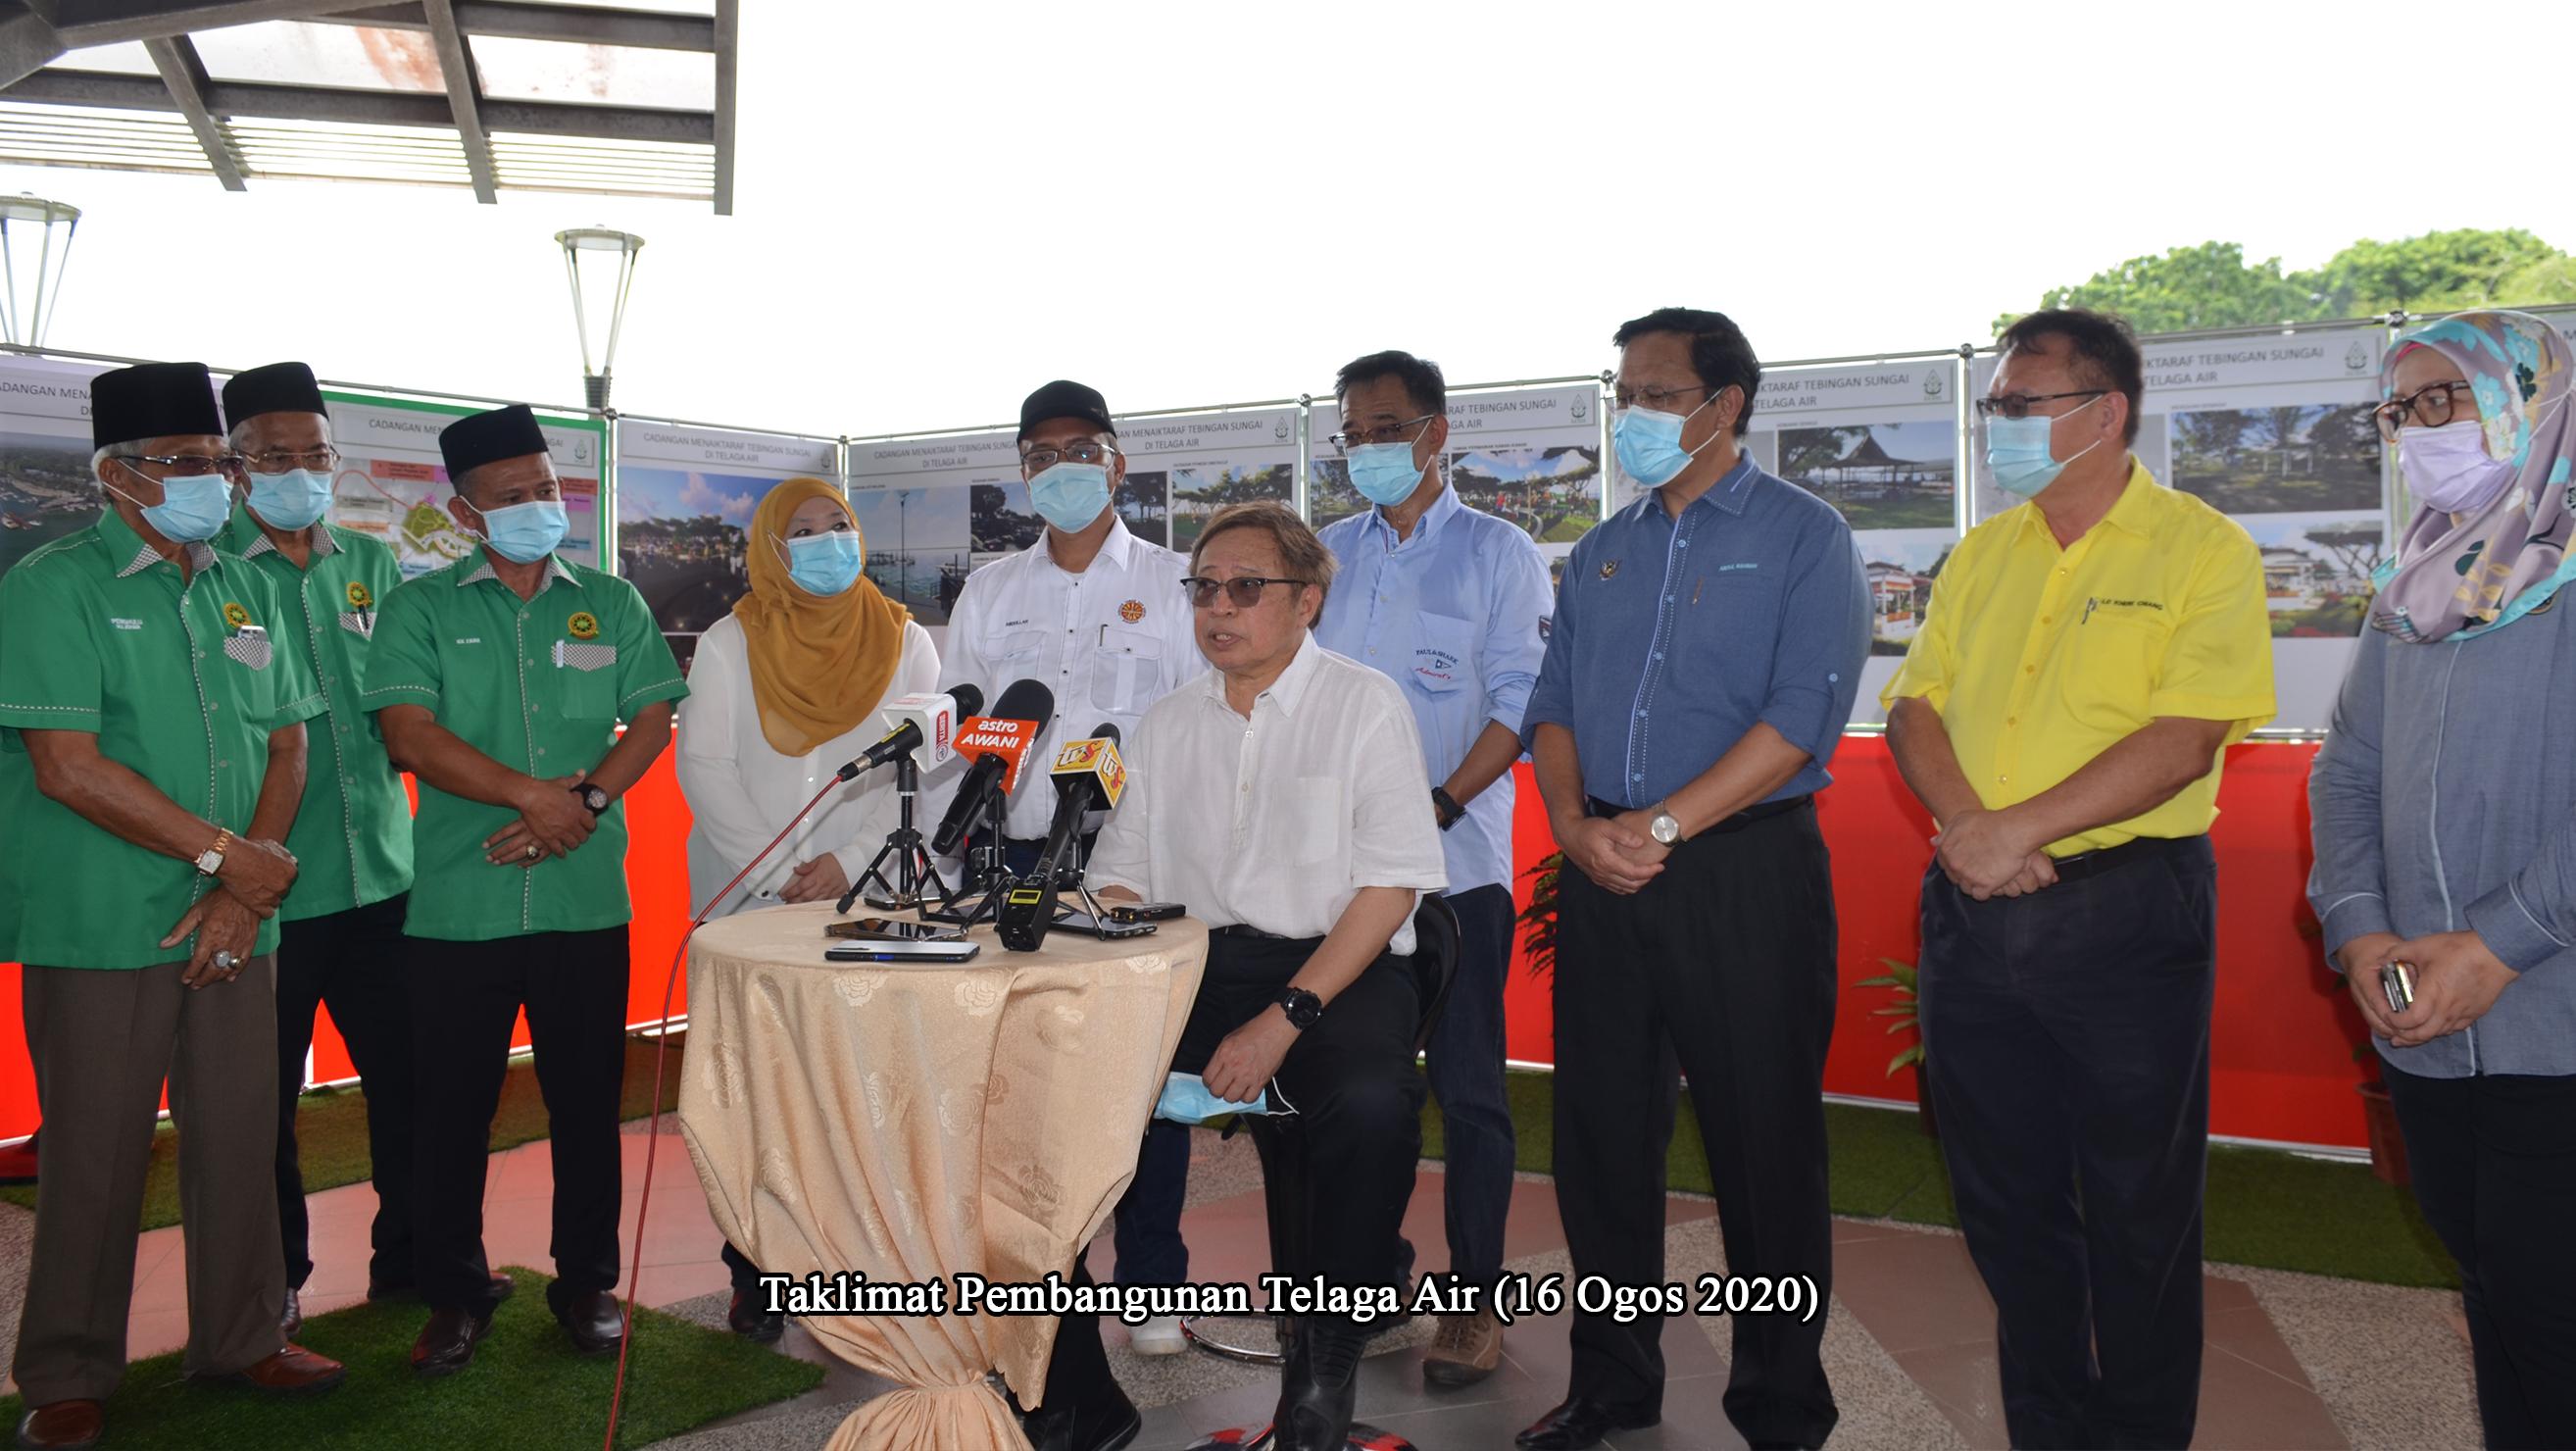 012 Taklimat Pembangunan Telaga Air oleh